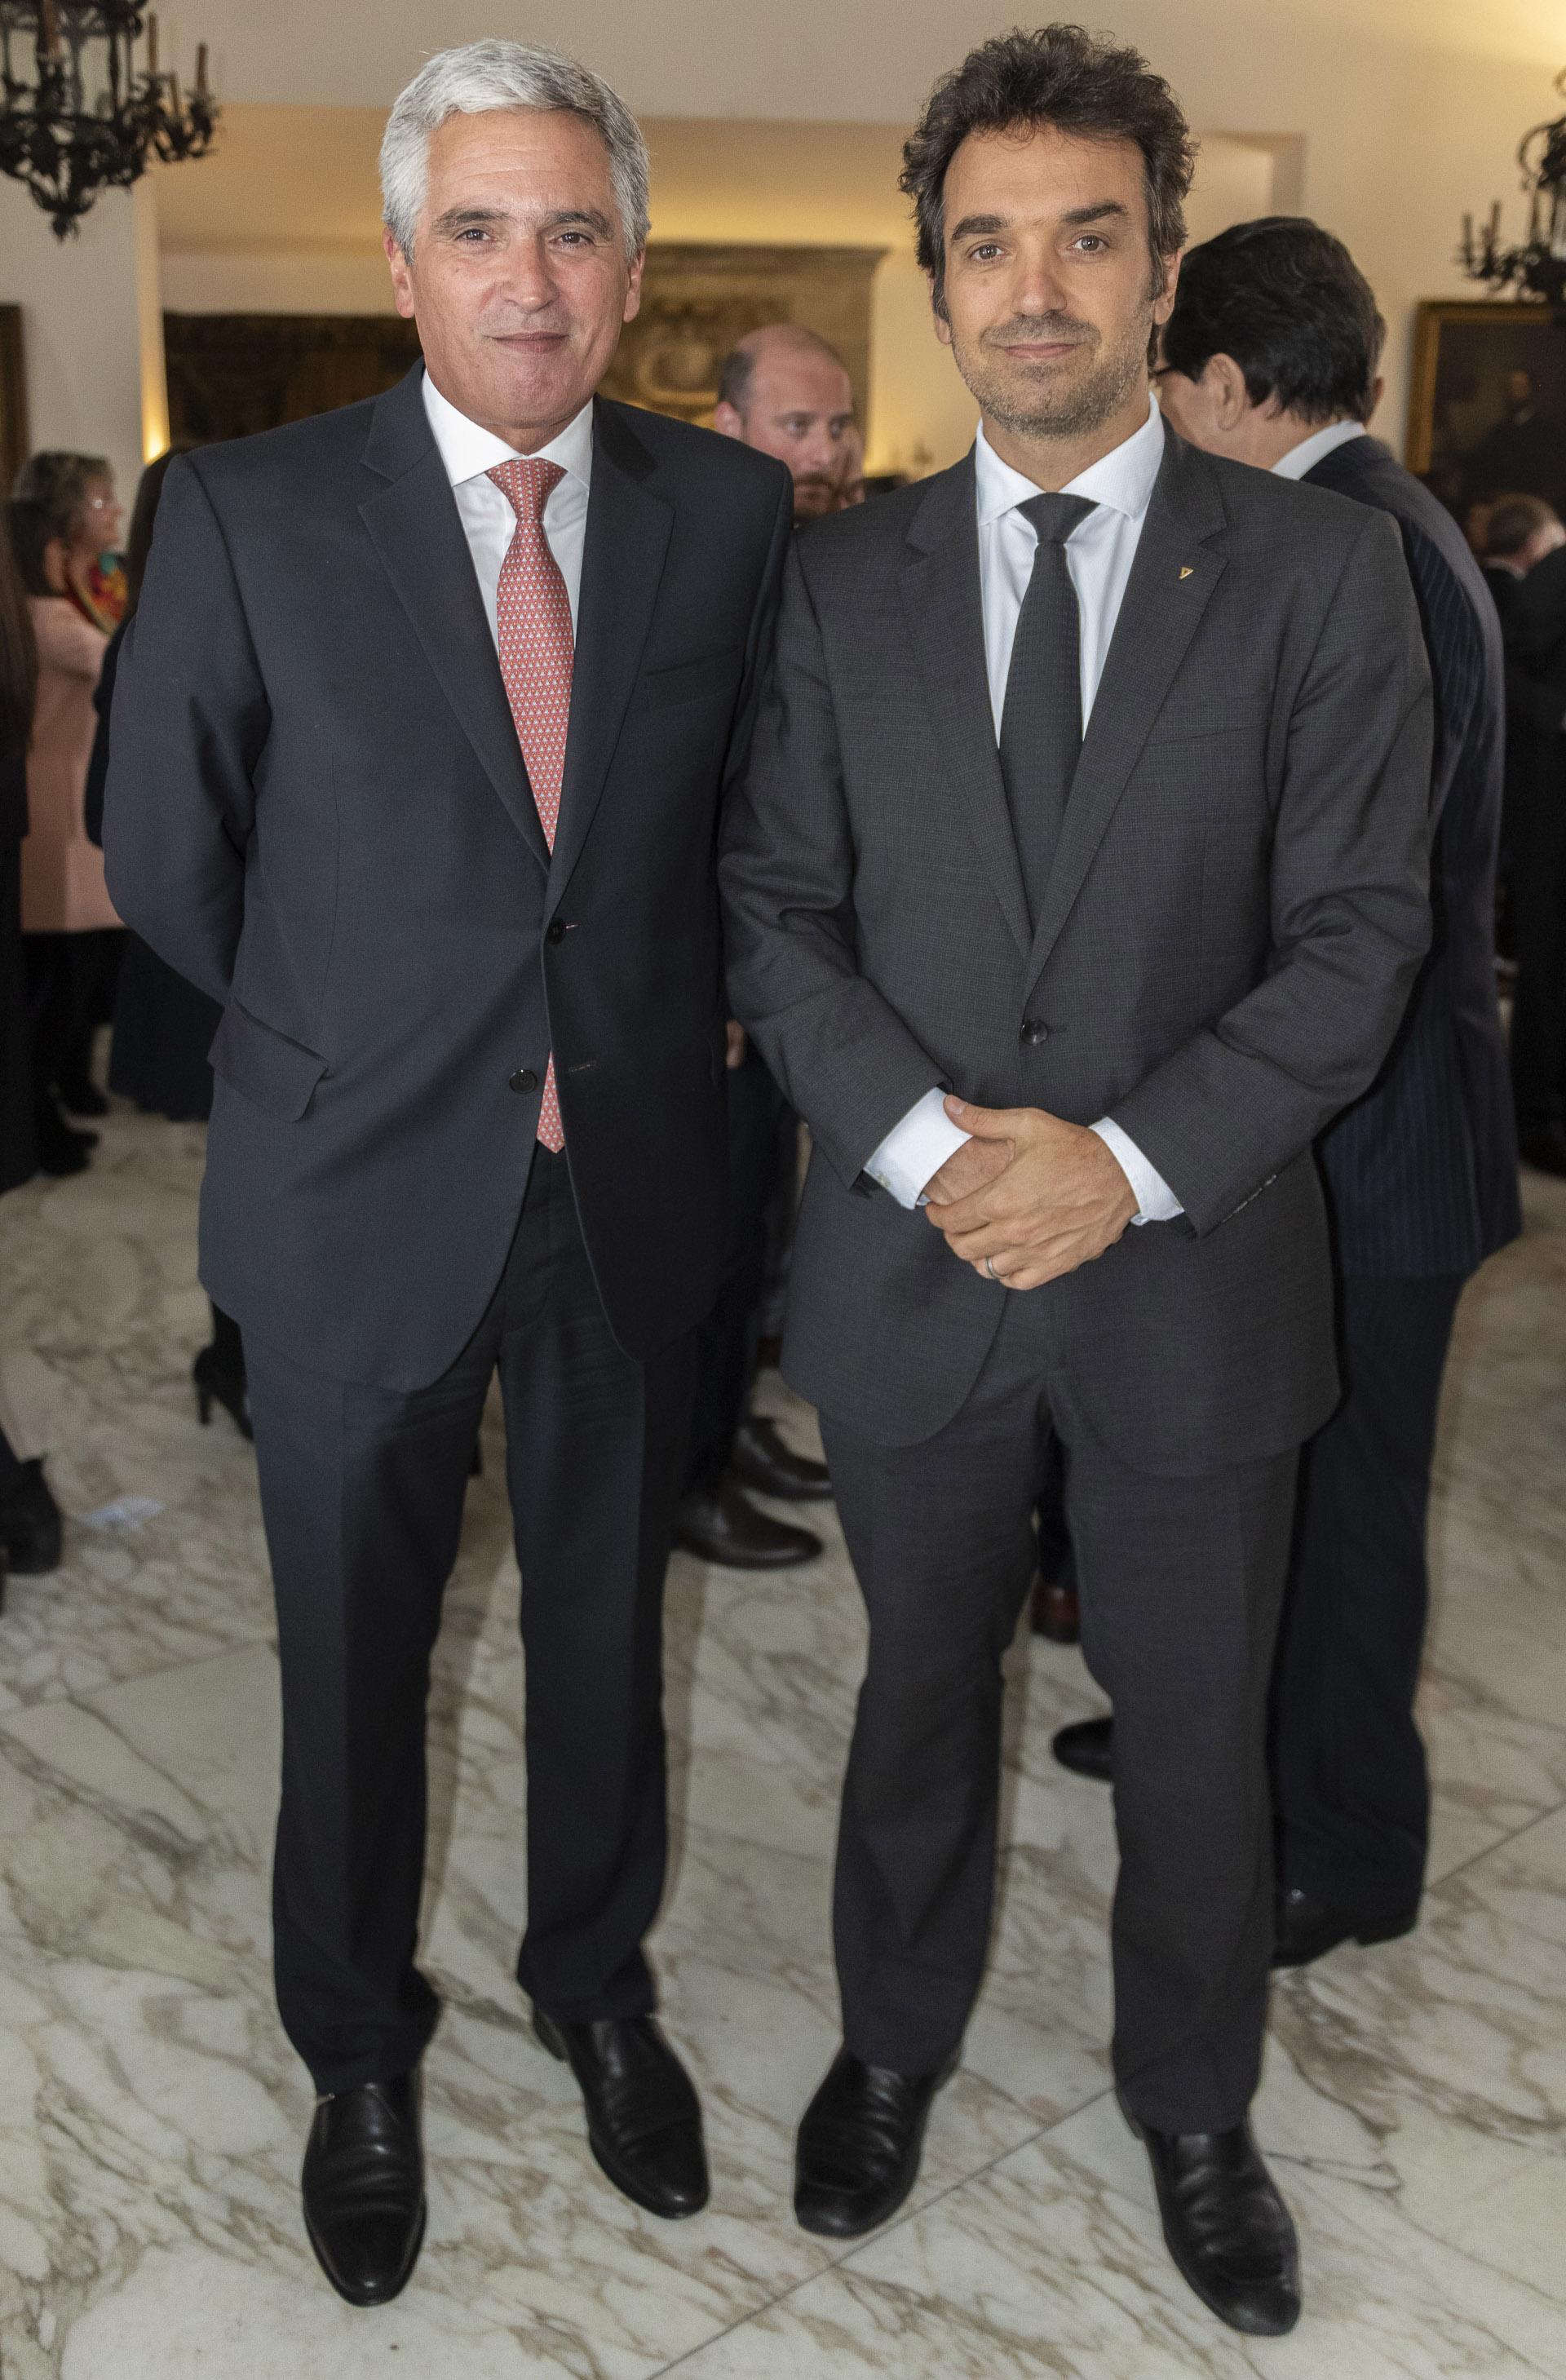 El embajador de Perú, Peter Camino Cannock junto al director general de Bagó, Sebastián Bagó